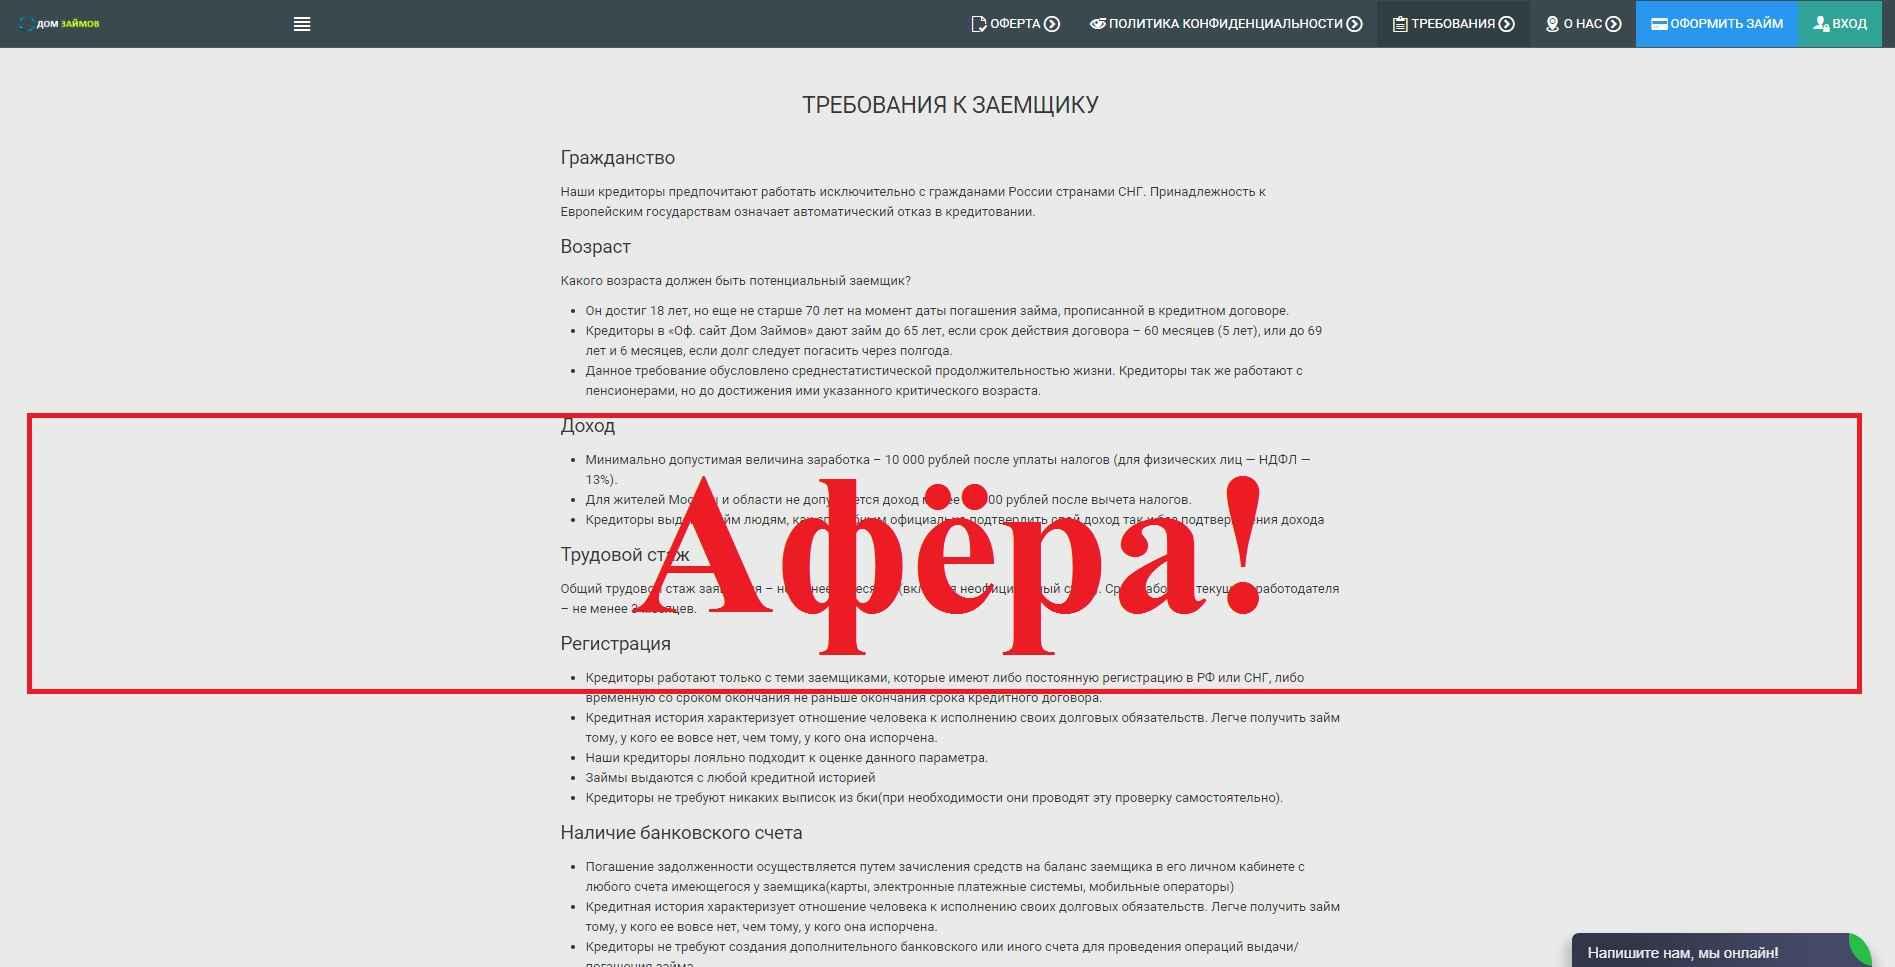 Дом Займов – отзывы о сервисе выдачи займов